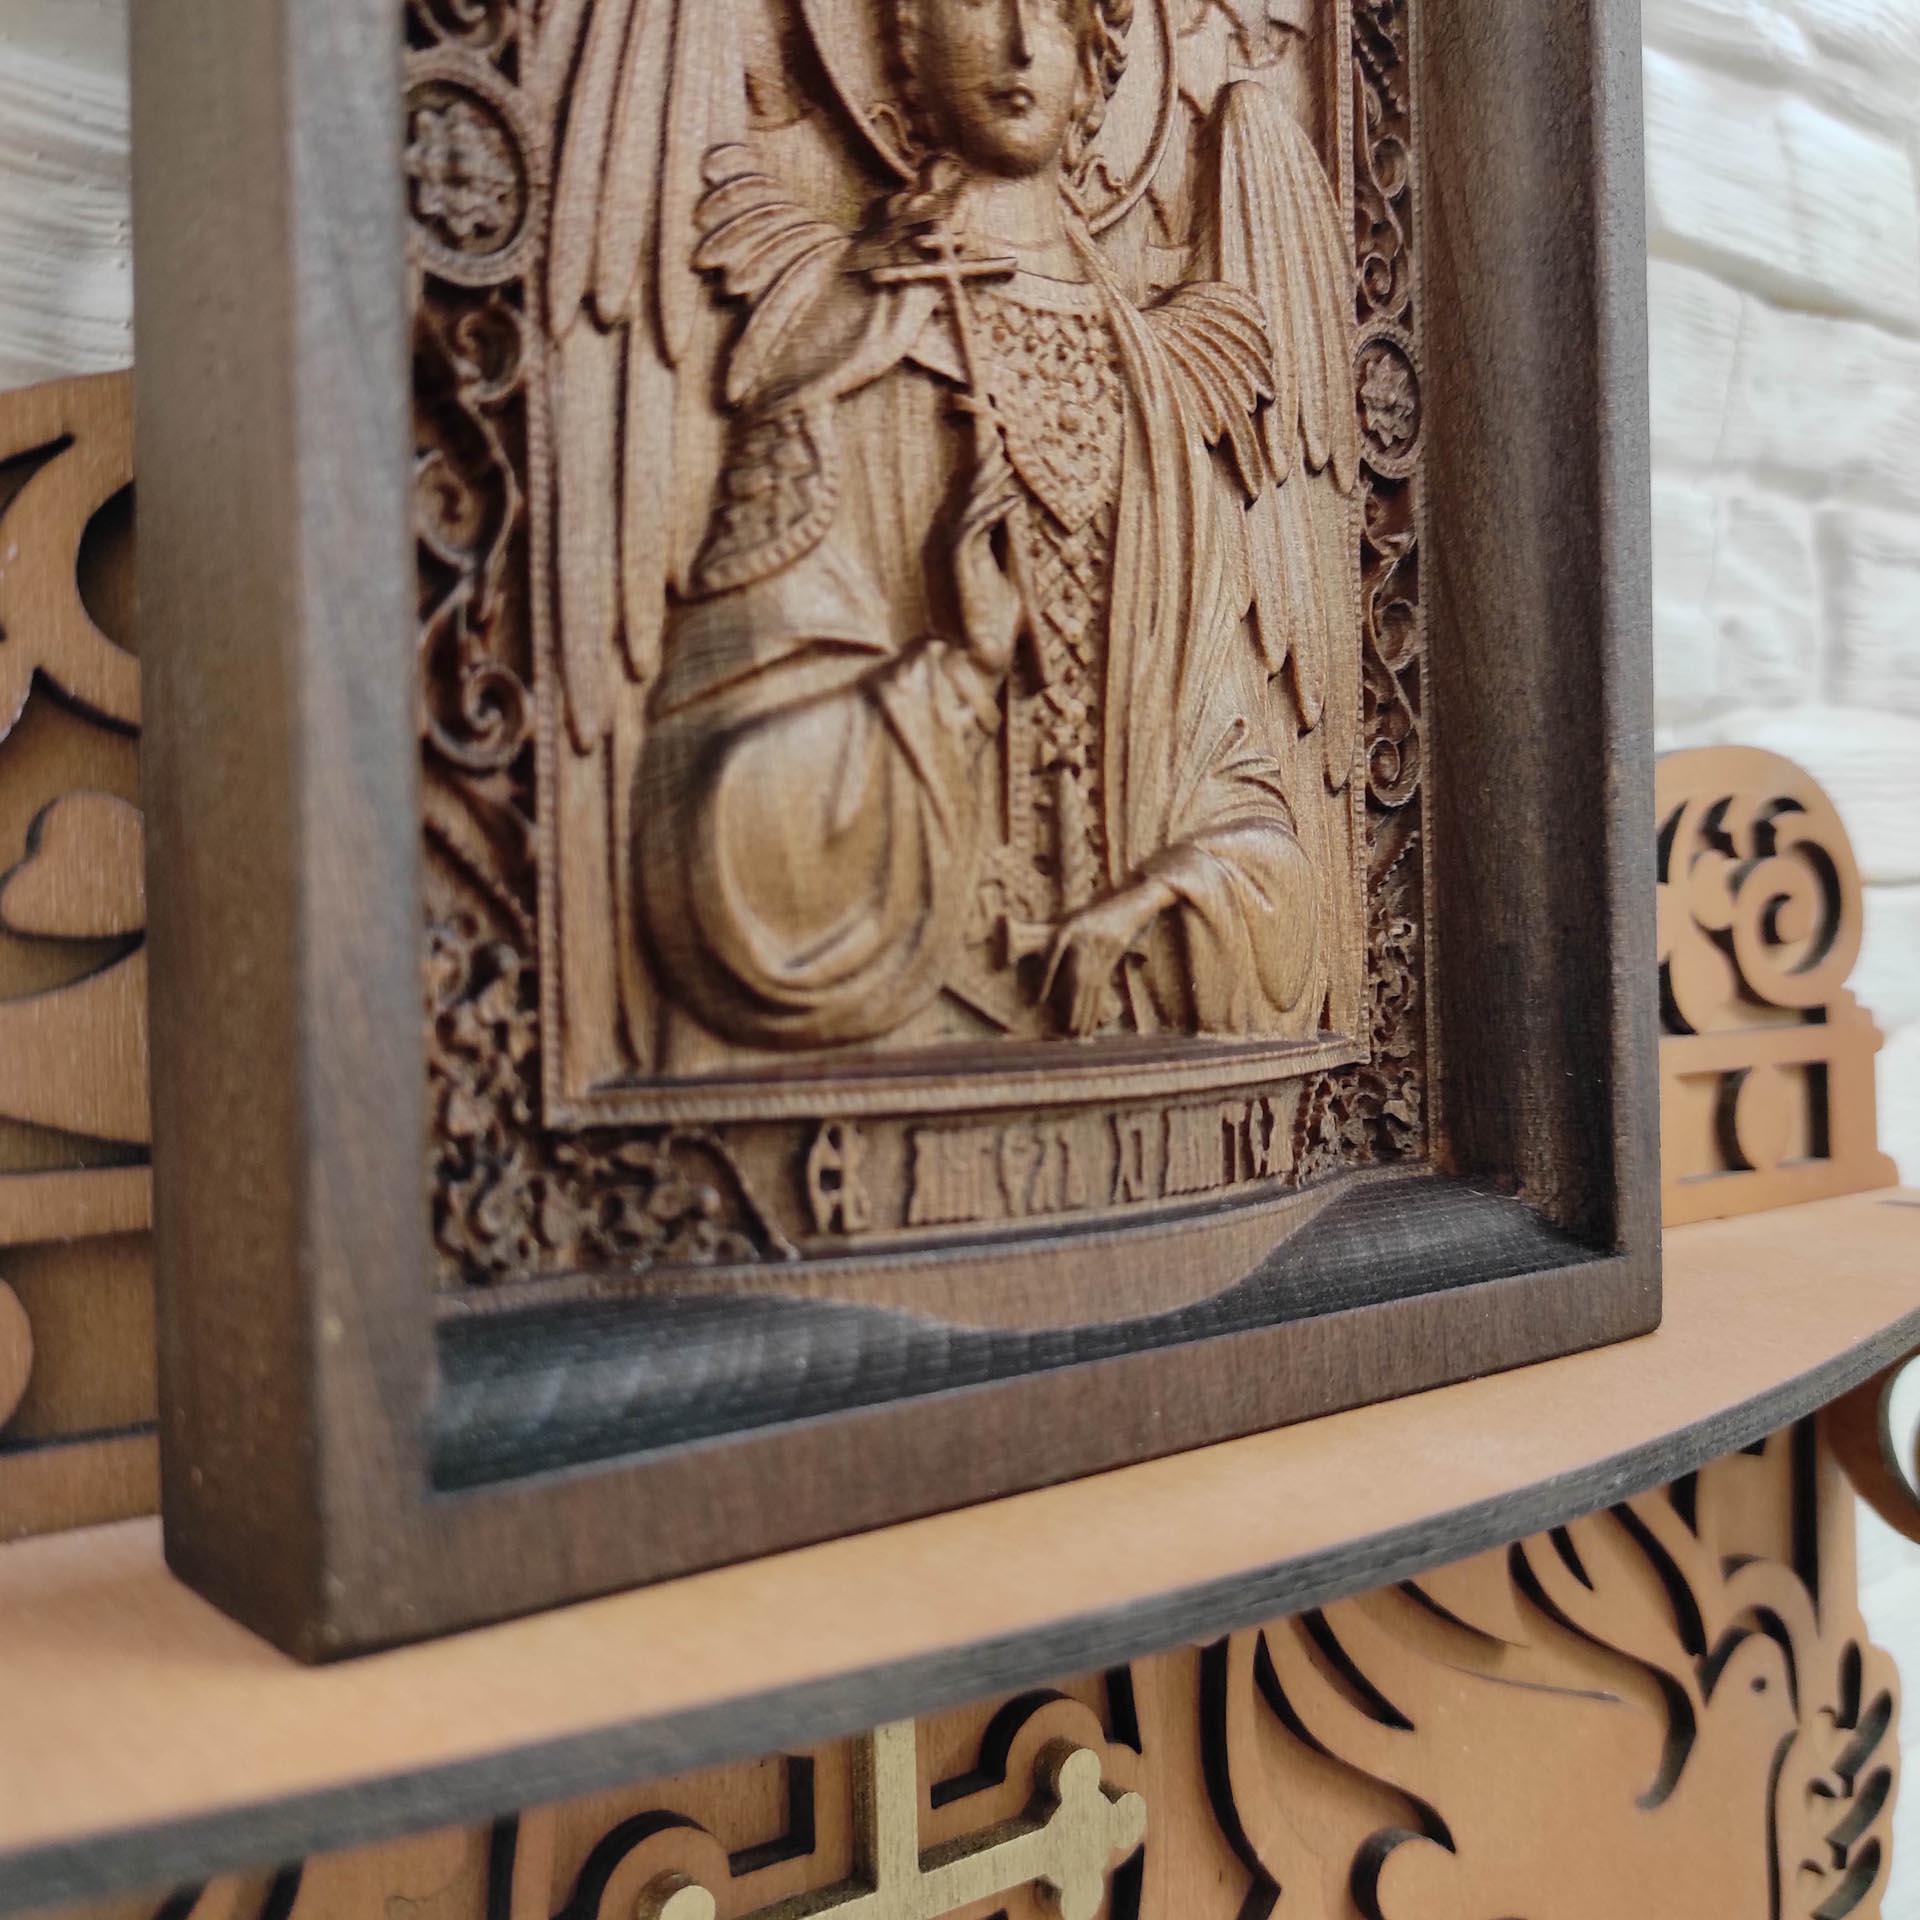 Изображение низа маленькой резной иконы святого Ангела Хранителя